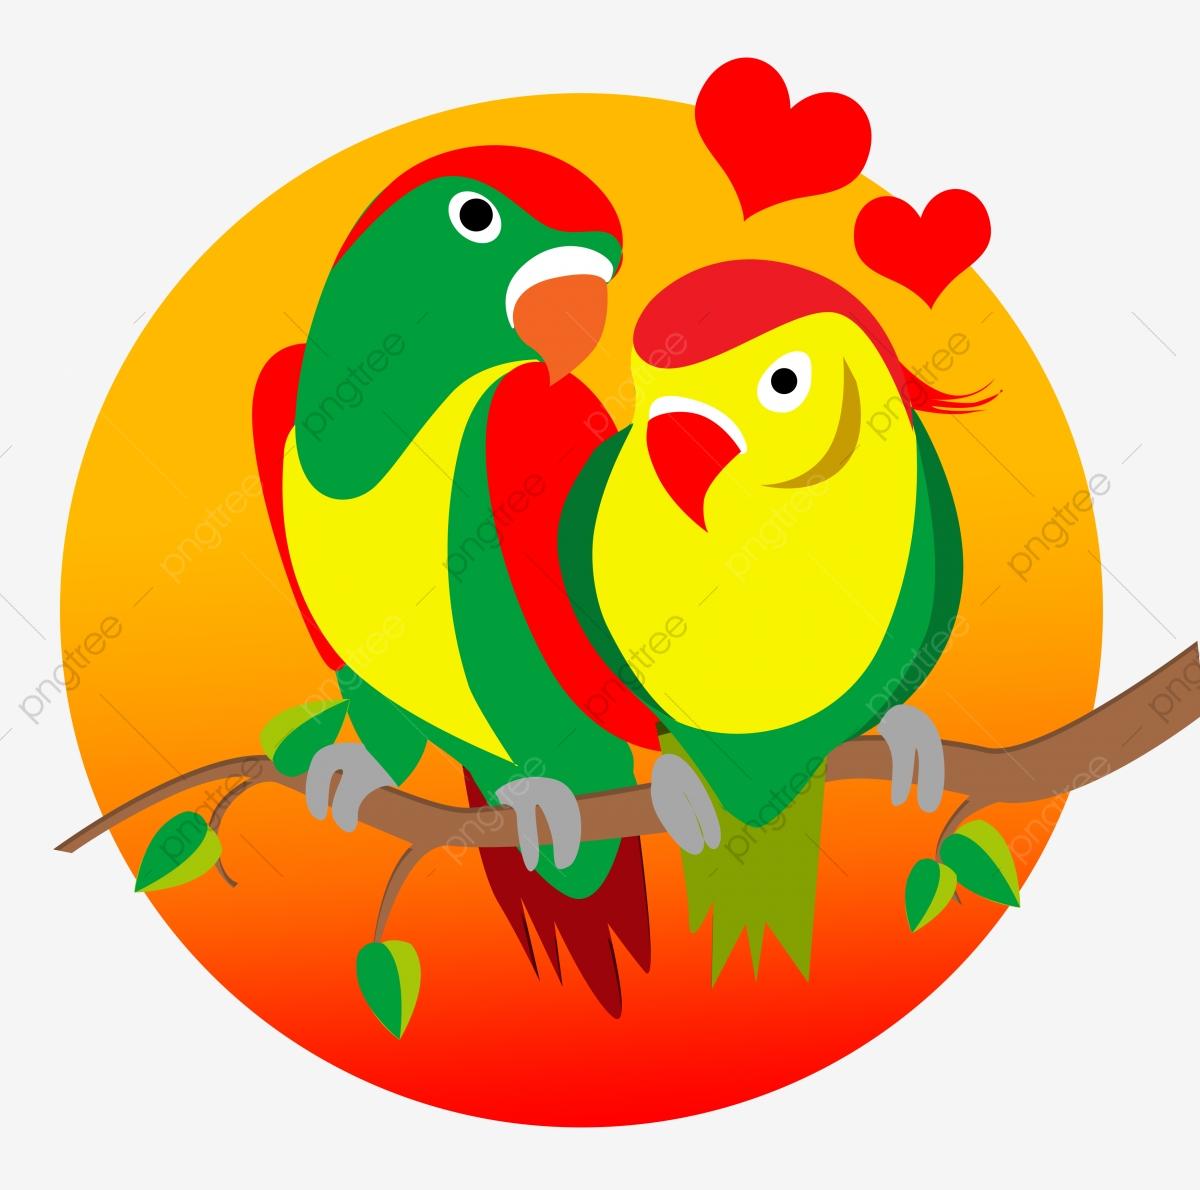 صور طيور الحب 31